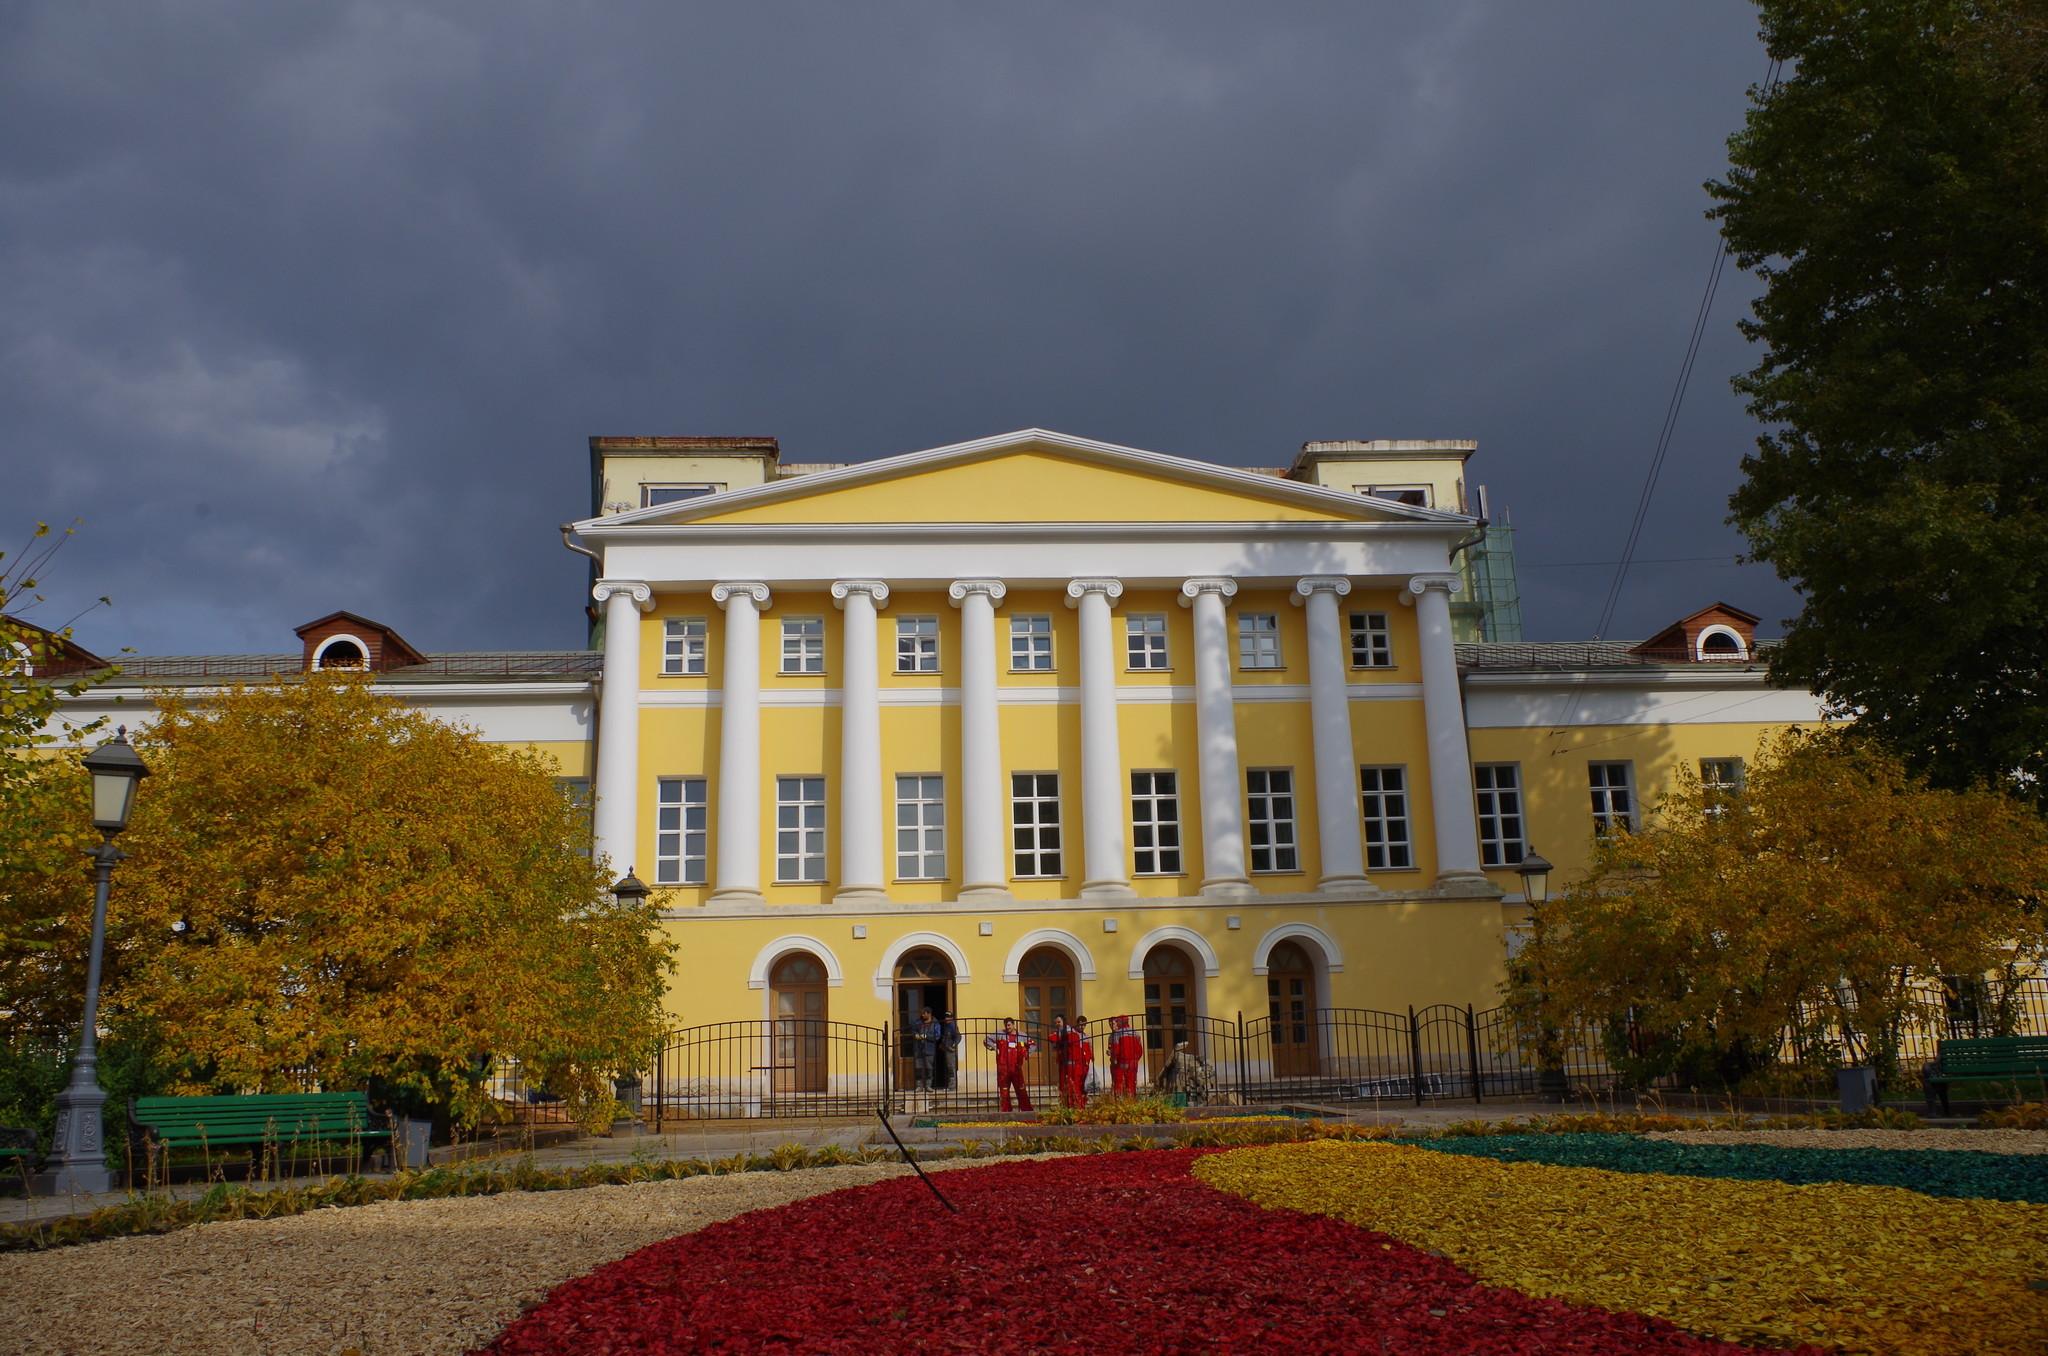 Московская средняя специальная музыкальная школа (колледж) имени Гнесиных